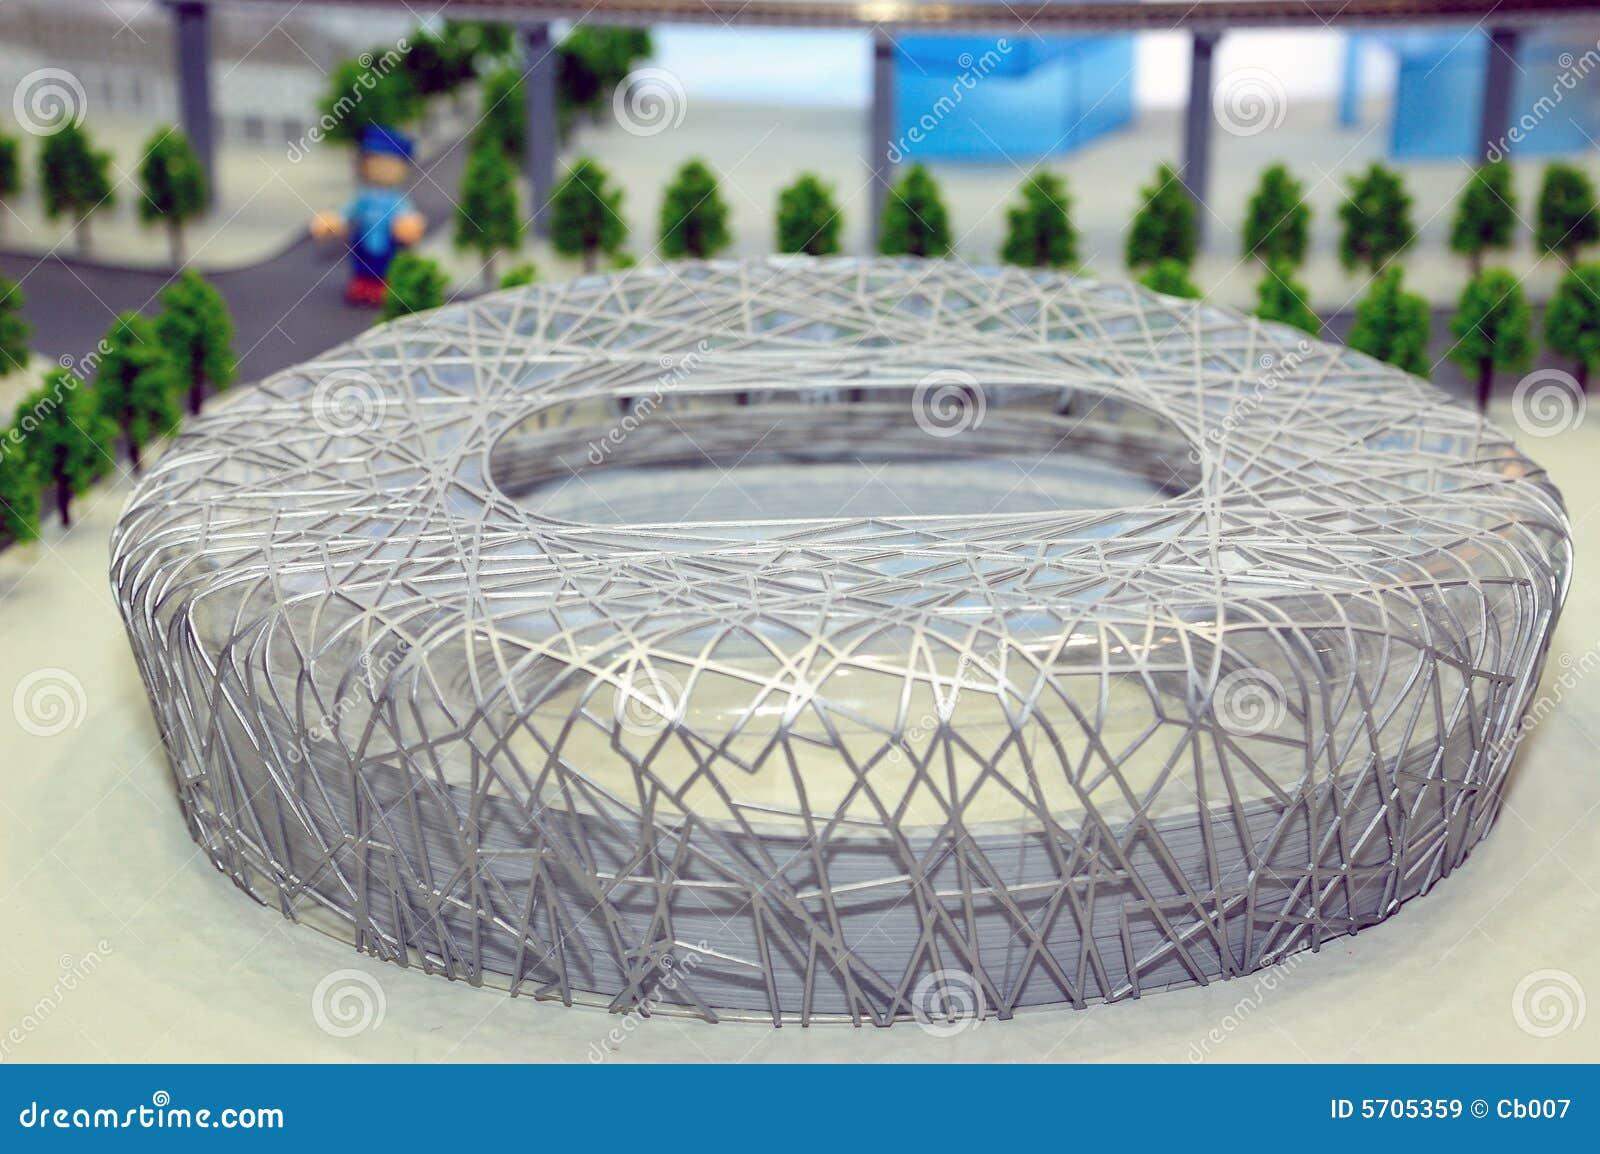 Model of bird 39 s nest stadium editorial stock image image for The nest beijing